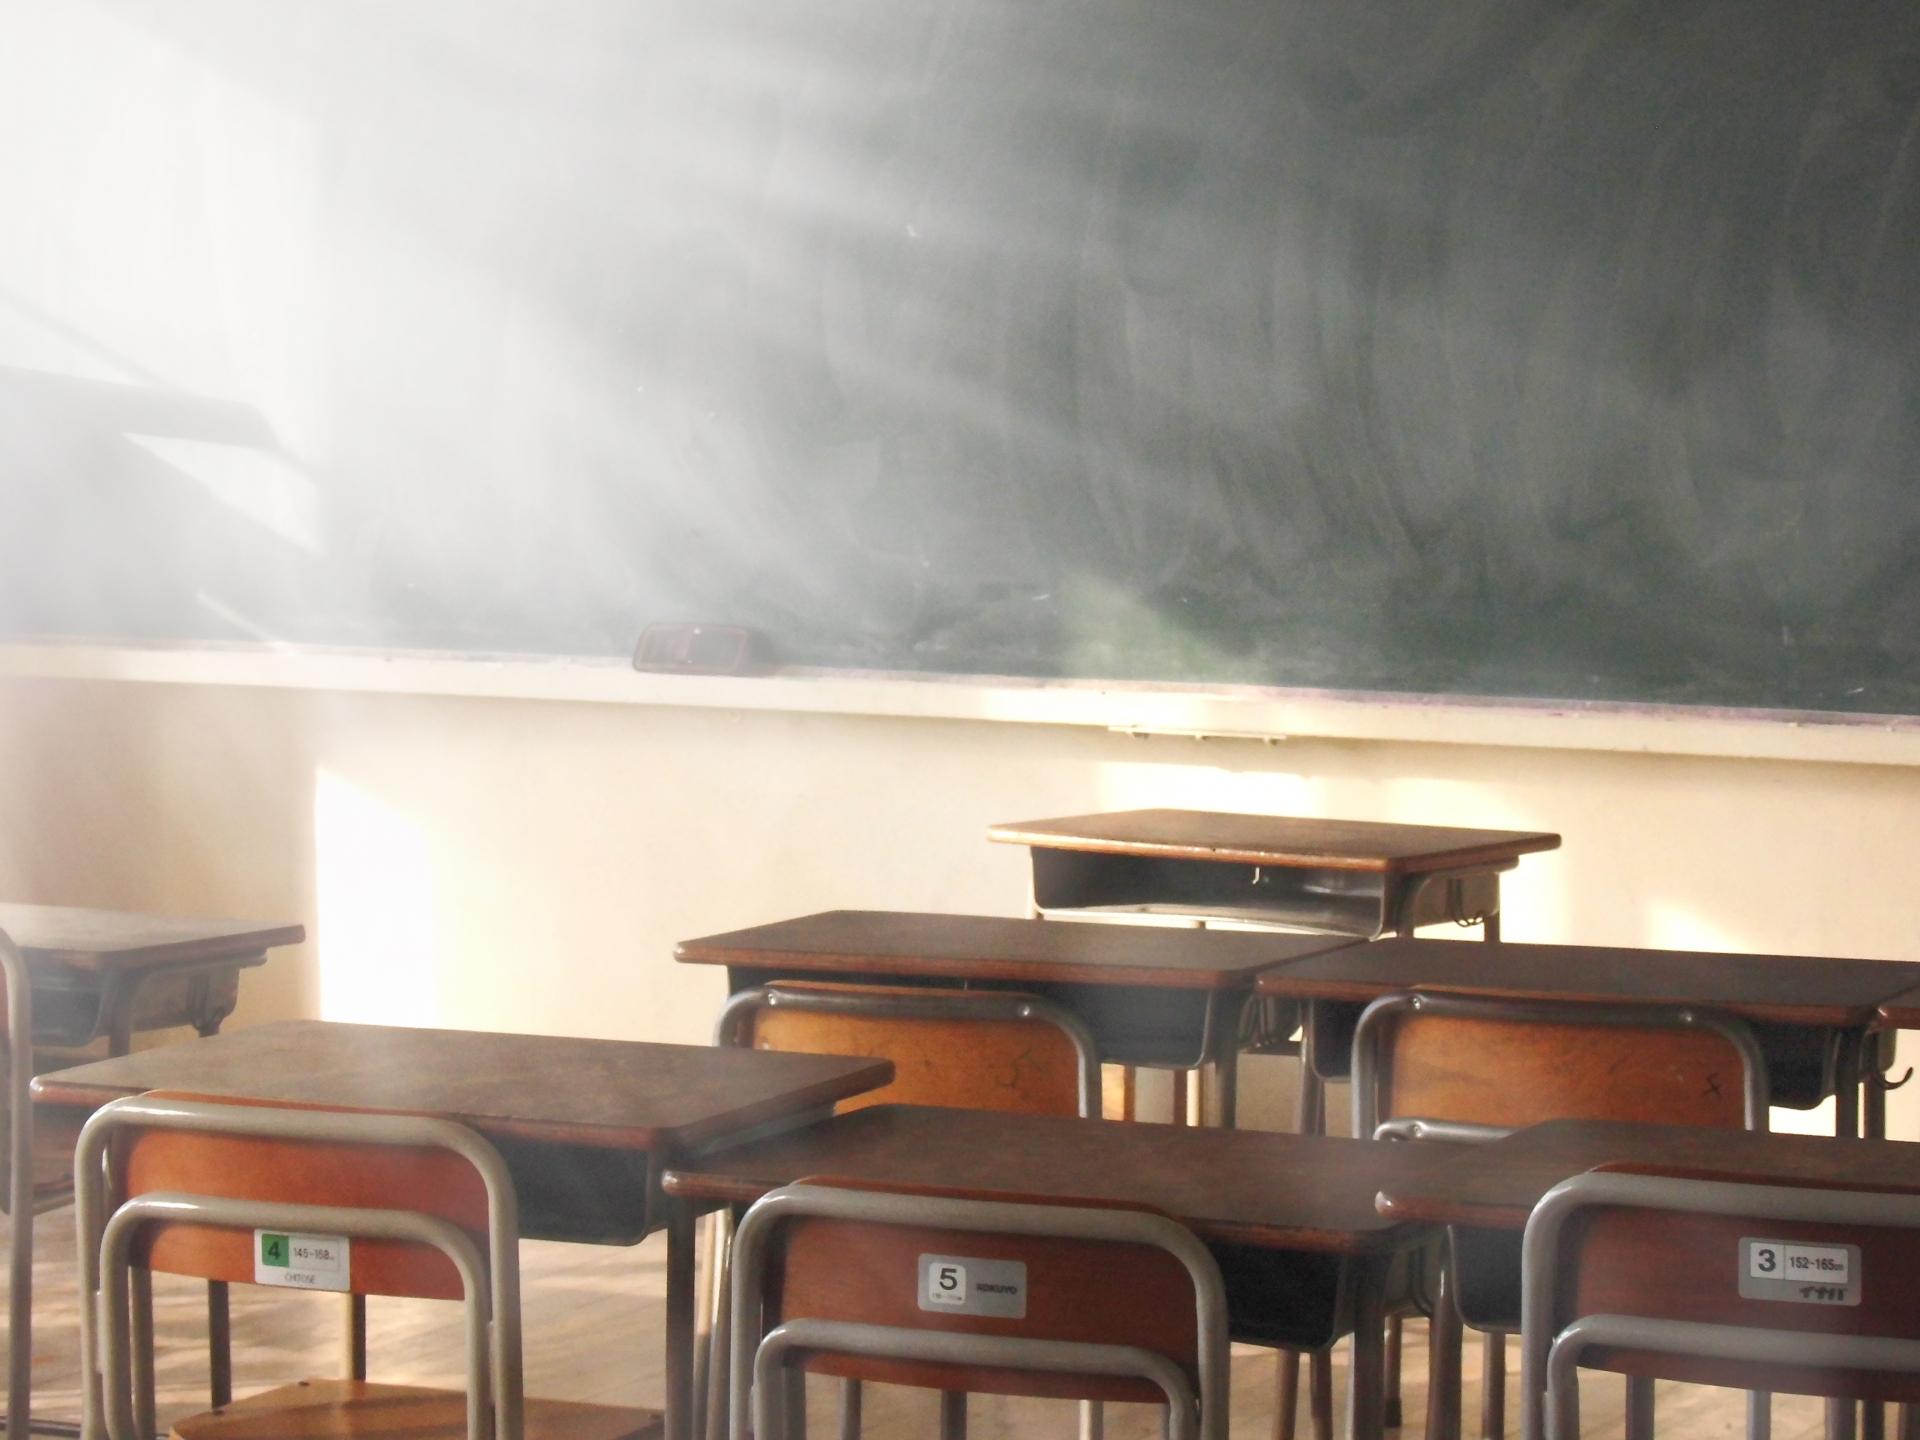 小学校のクラス役員は仕事をしながらでもやりくりできますか?